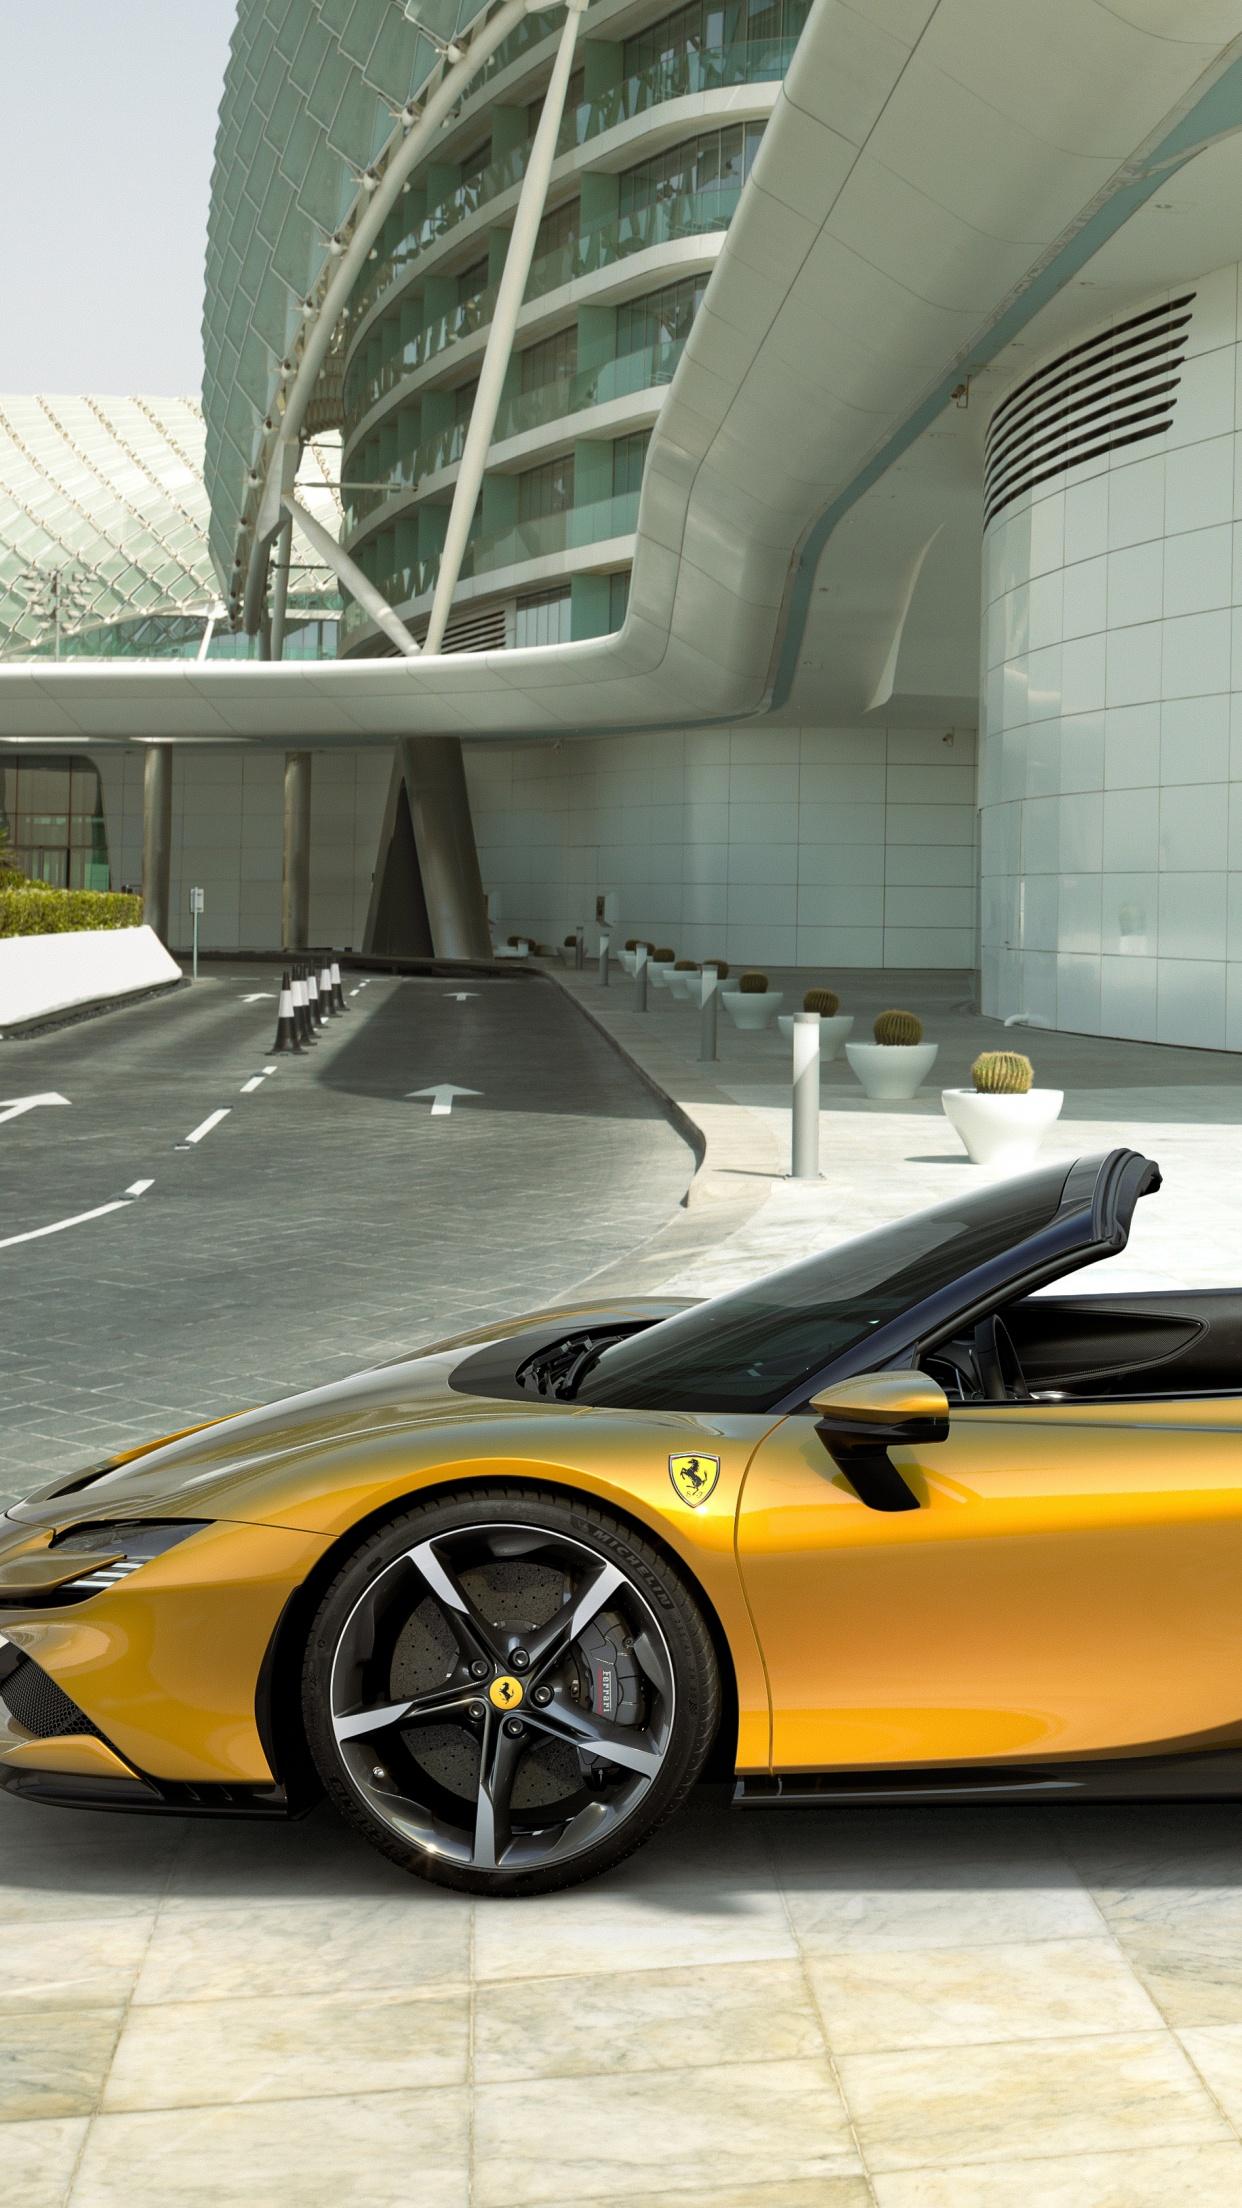 Ferrari SF90 Spider 4K Wallpaper, 2021, 5K, Cars, #3400